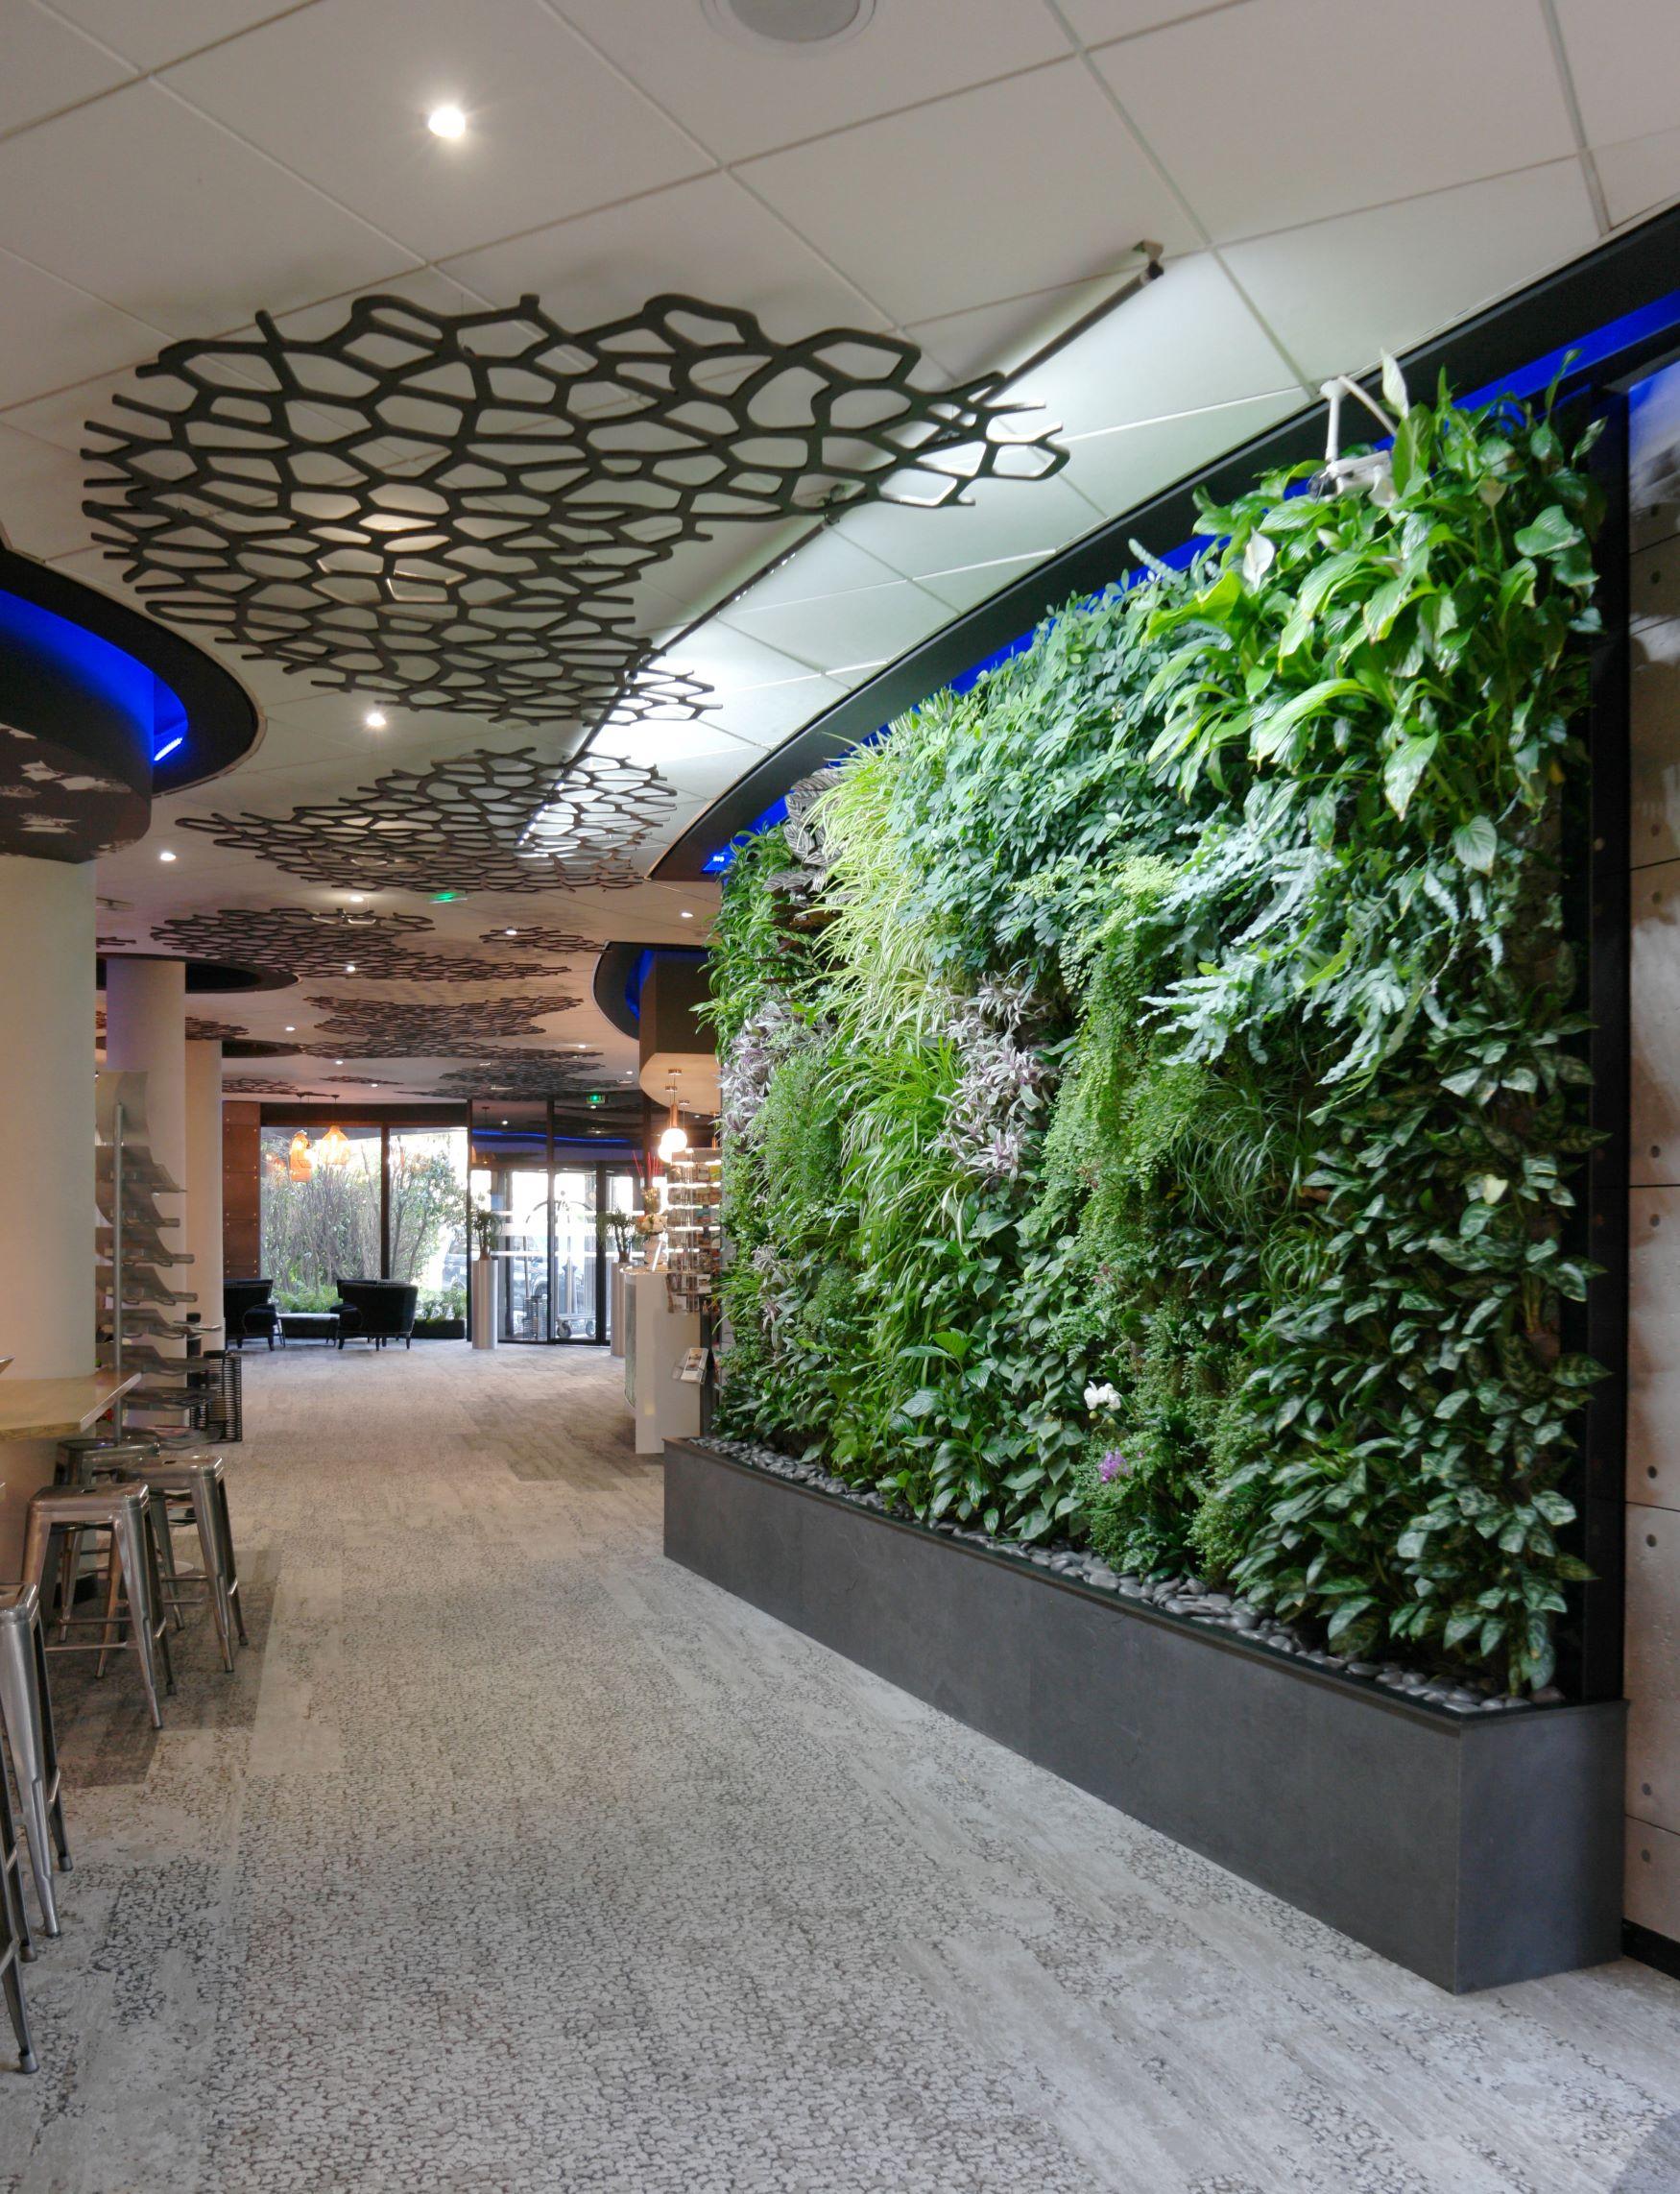 mur végétal intérieur et plantes d'intérieur